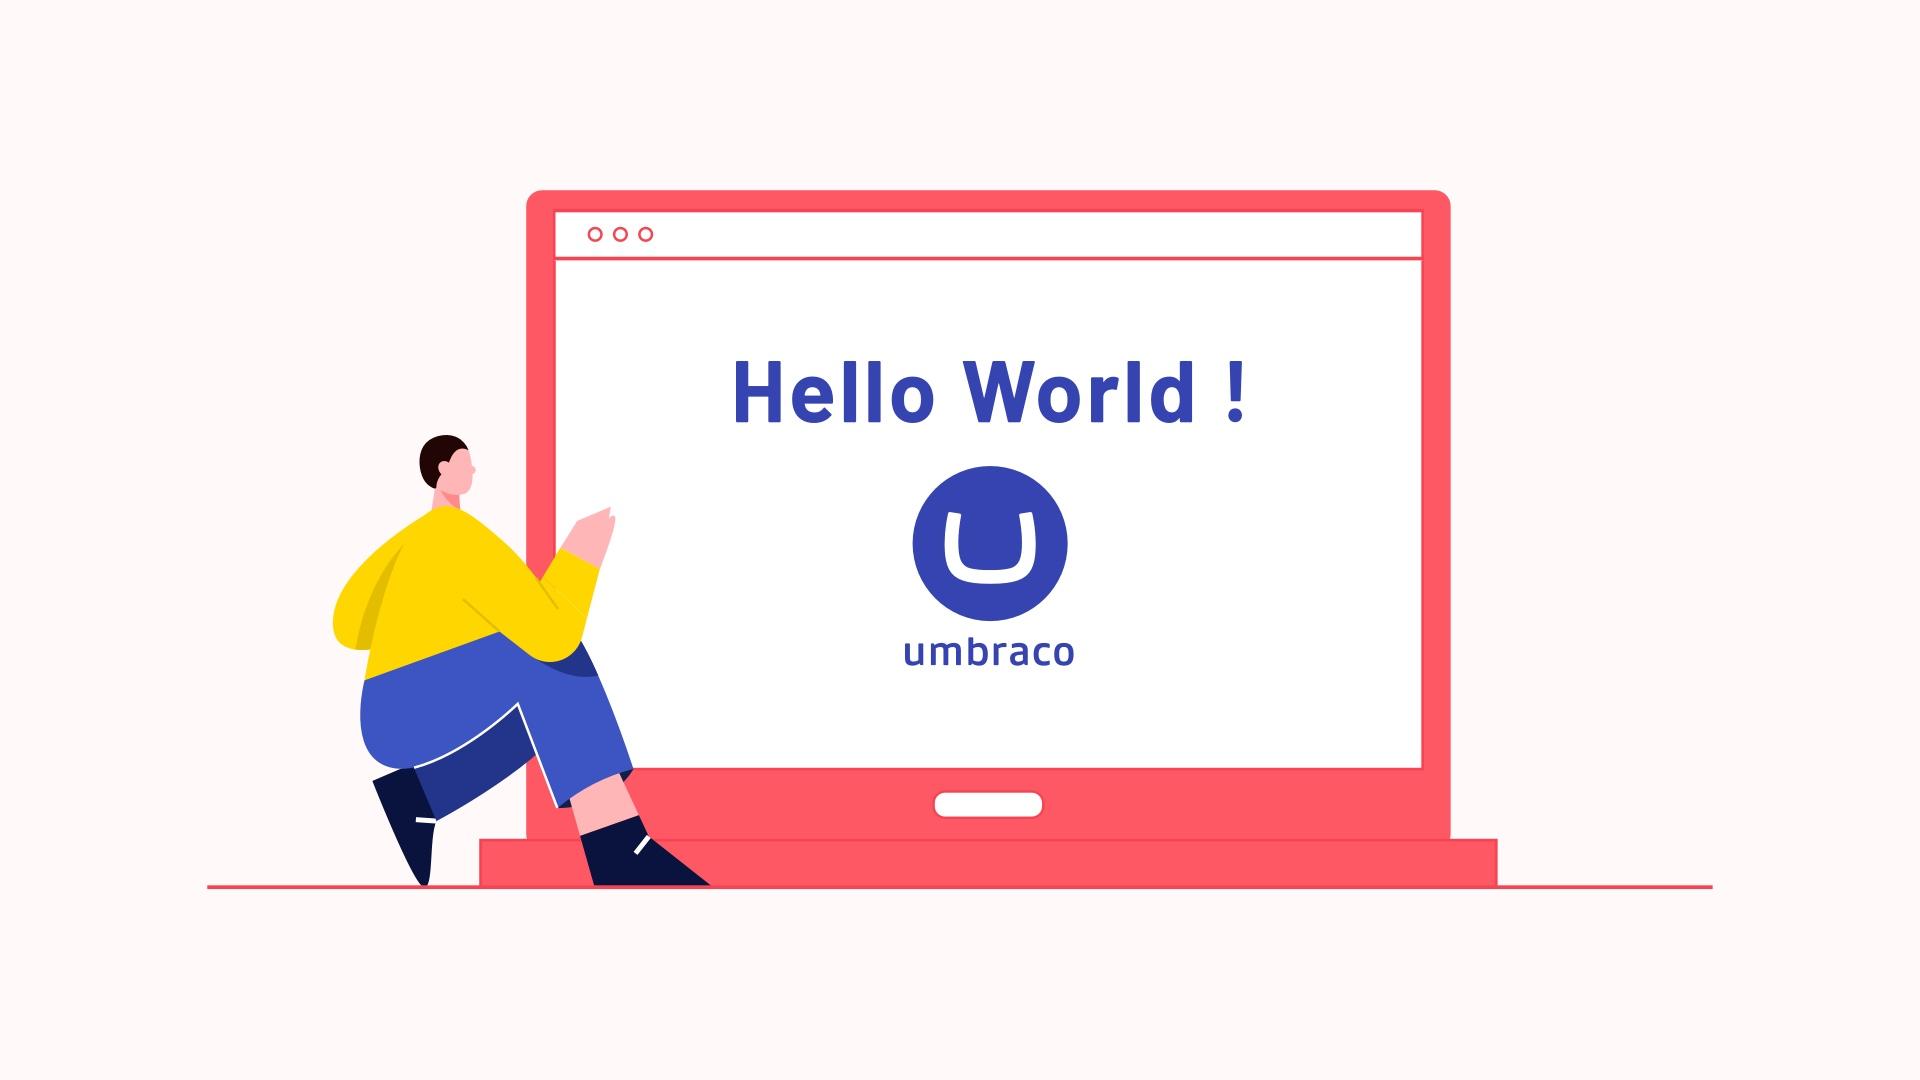 Hello World using Umbraco